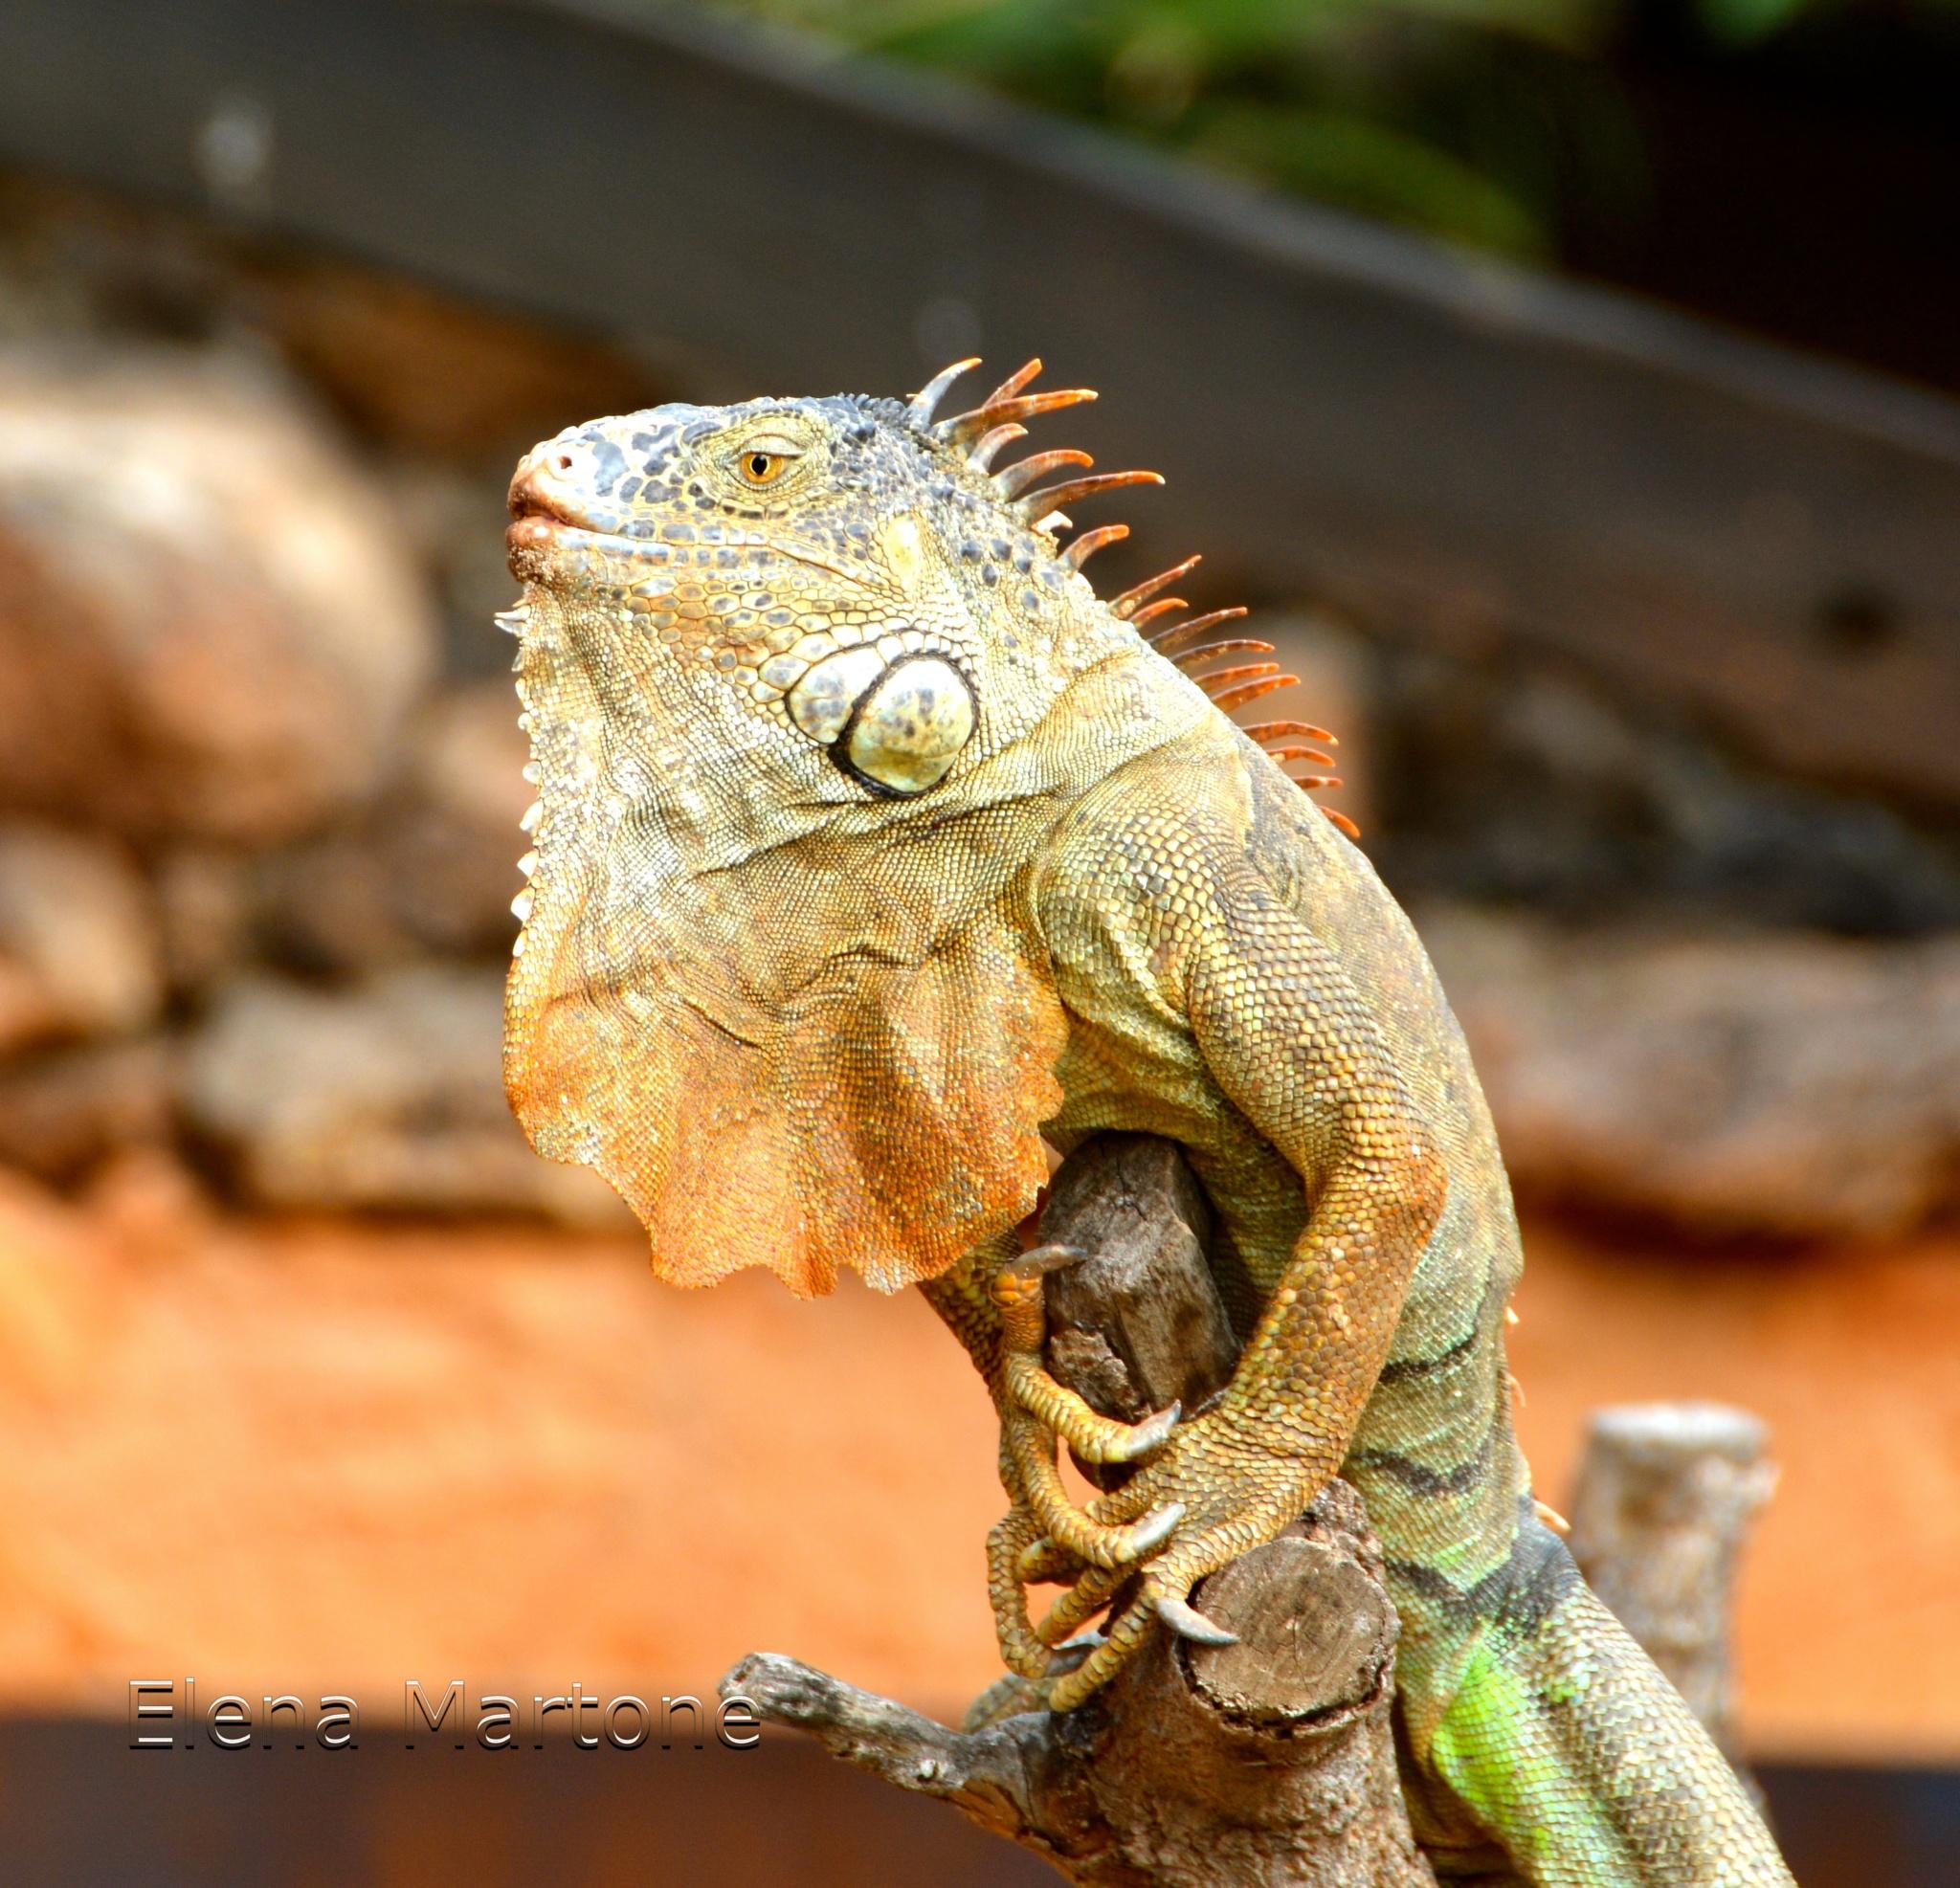 Iguana by elenamartone